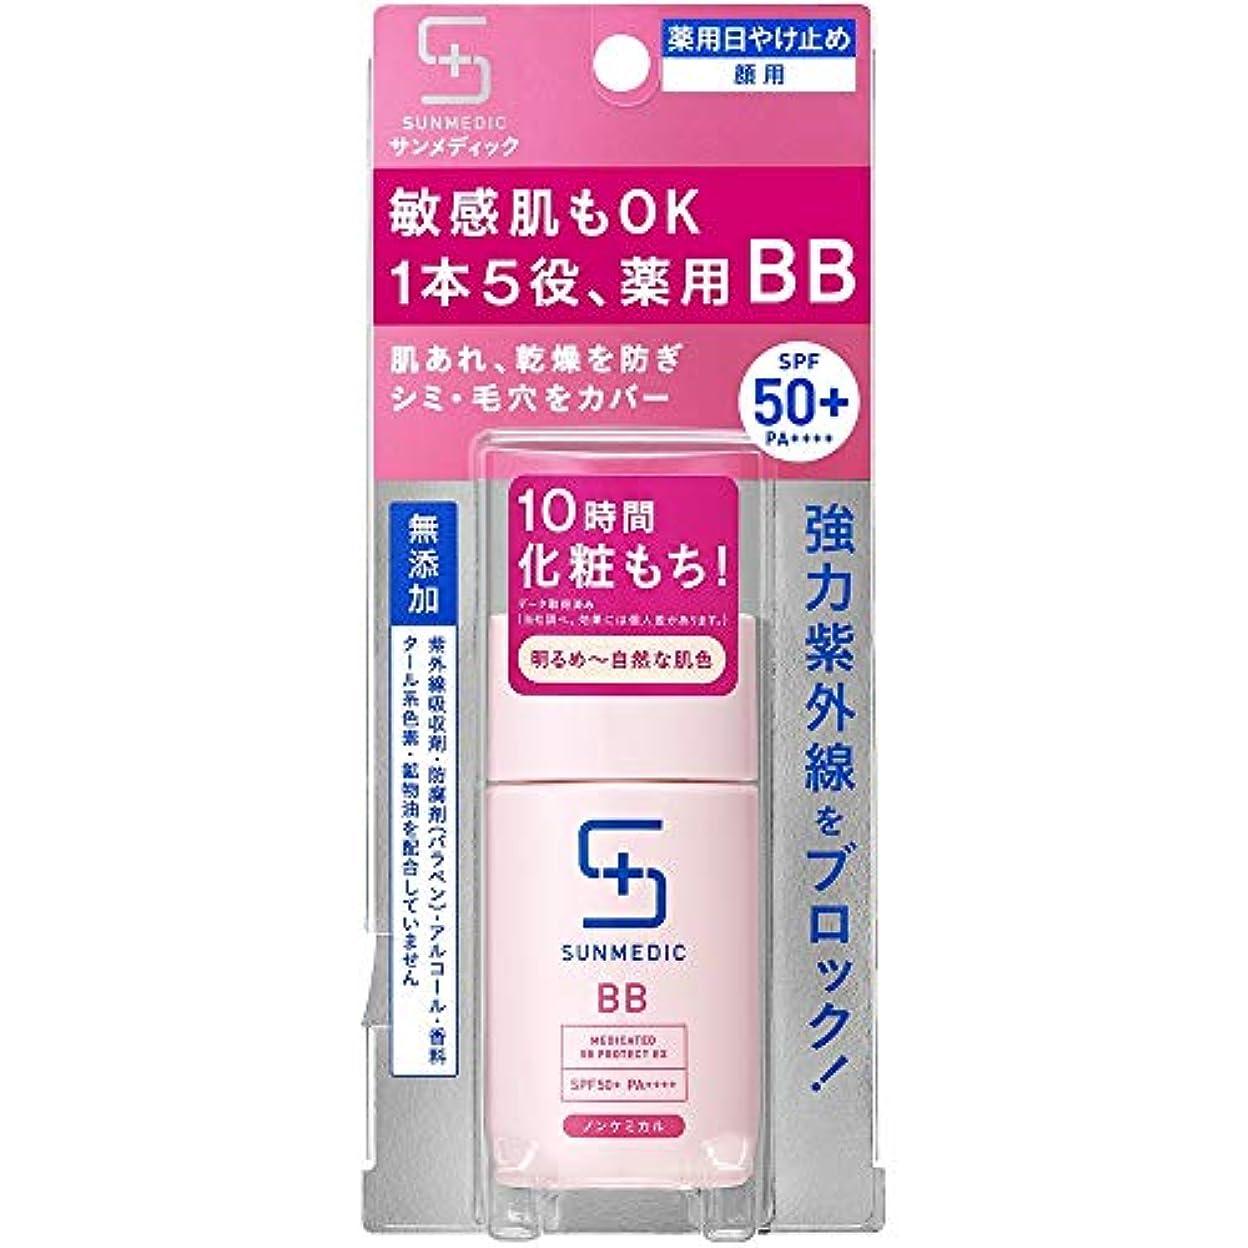 数学的な粘り強い蜜サンメディックUV 薬用BBプロテクトEX ライト 30ml (医薬部外品)